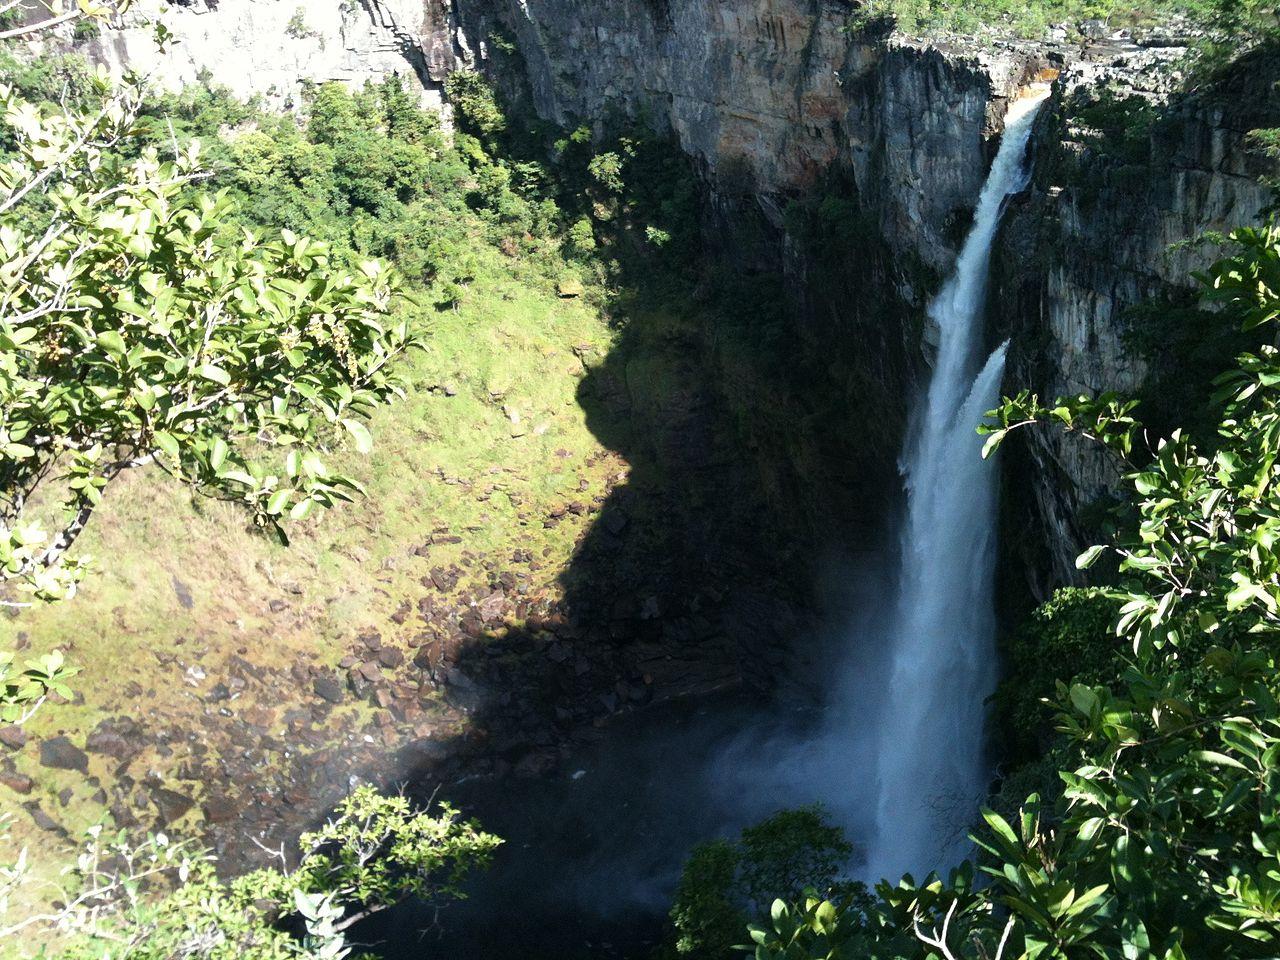 Cachoeira do rio preto.jpg